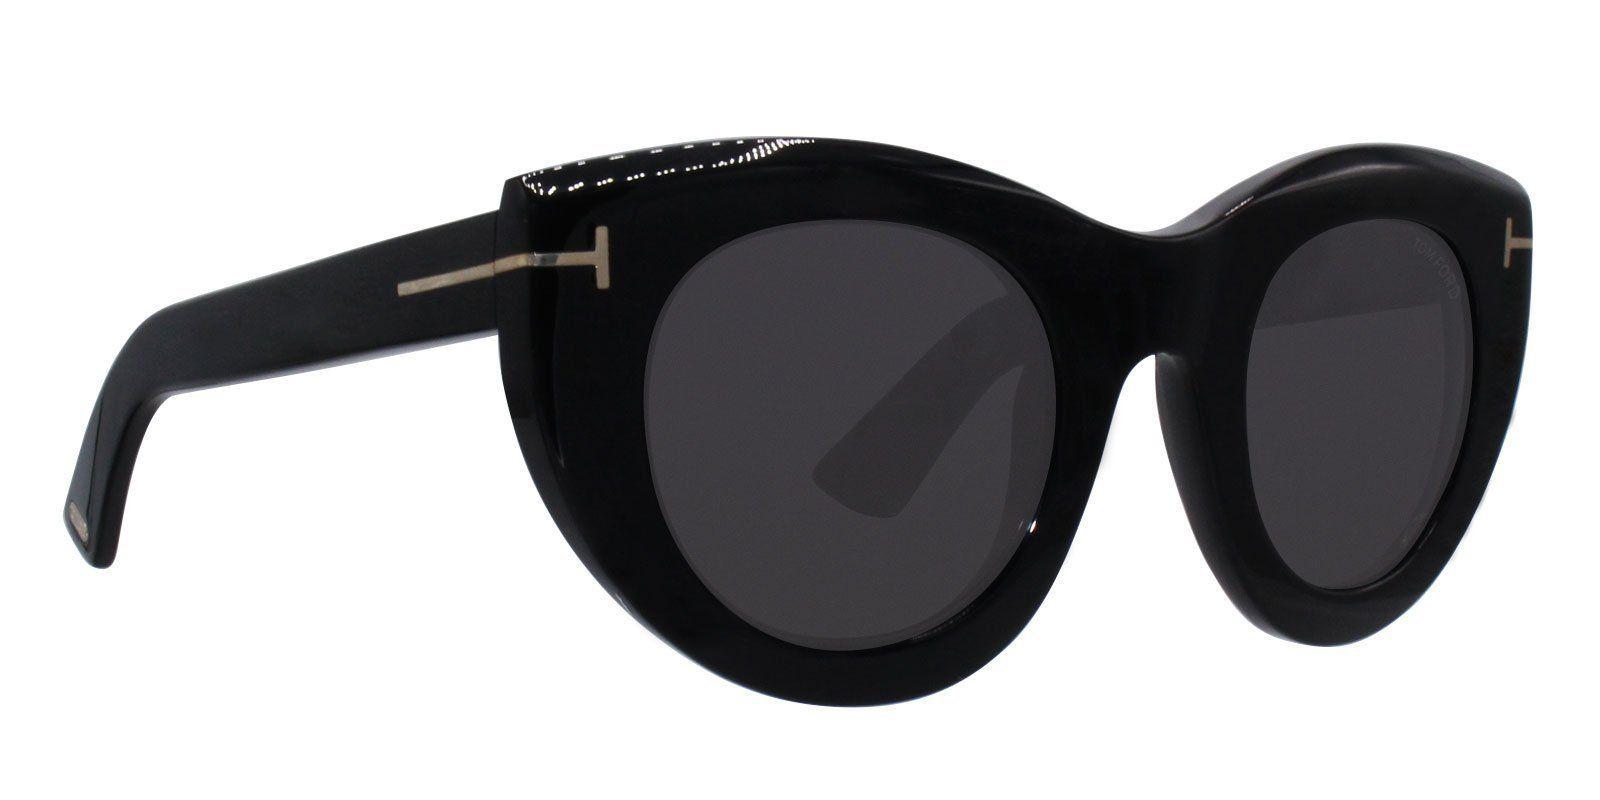 ba127c7f7e6d Tom Ford - Marcella-02 Black - Gray-sunglasses-Designer Eyes